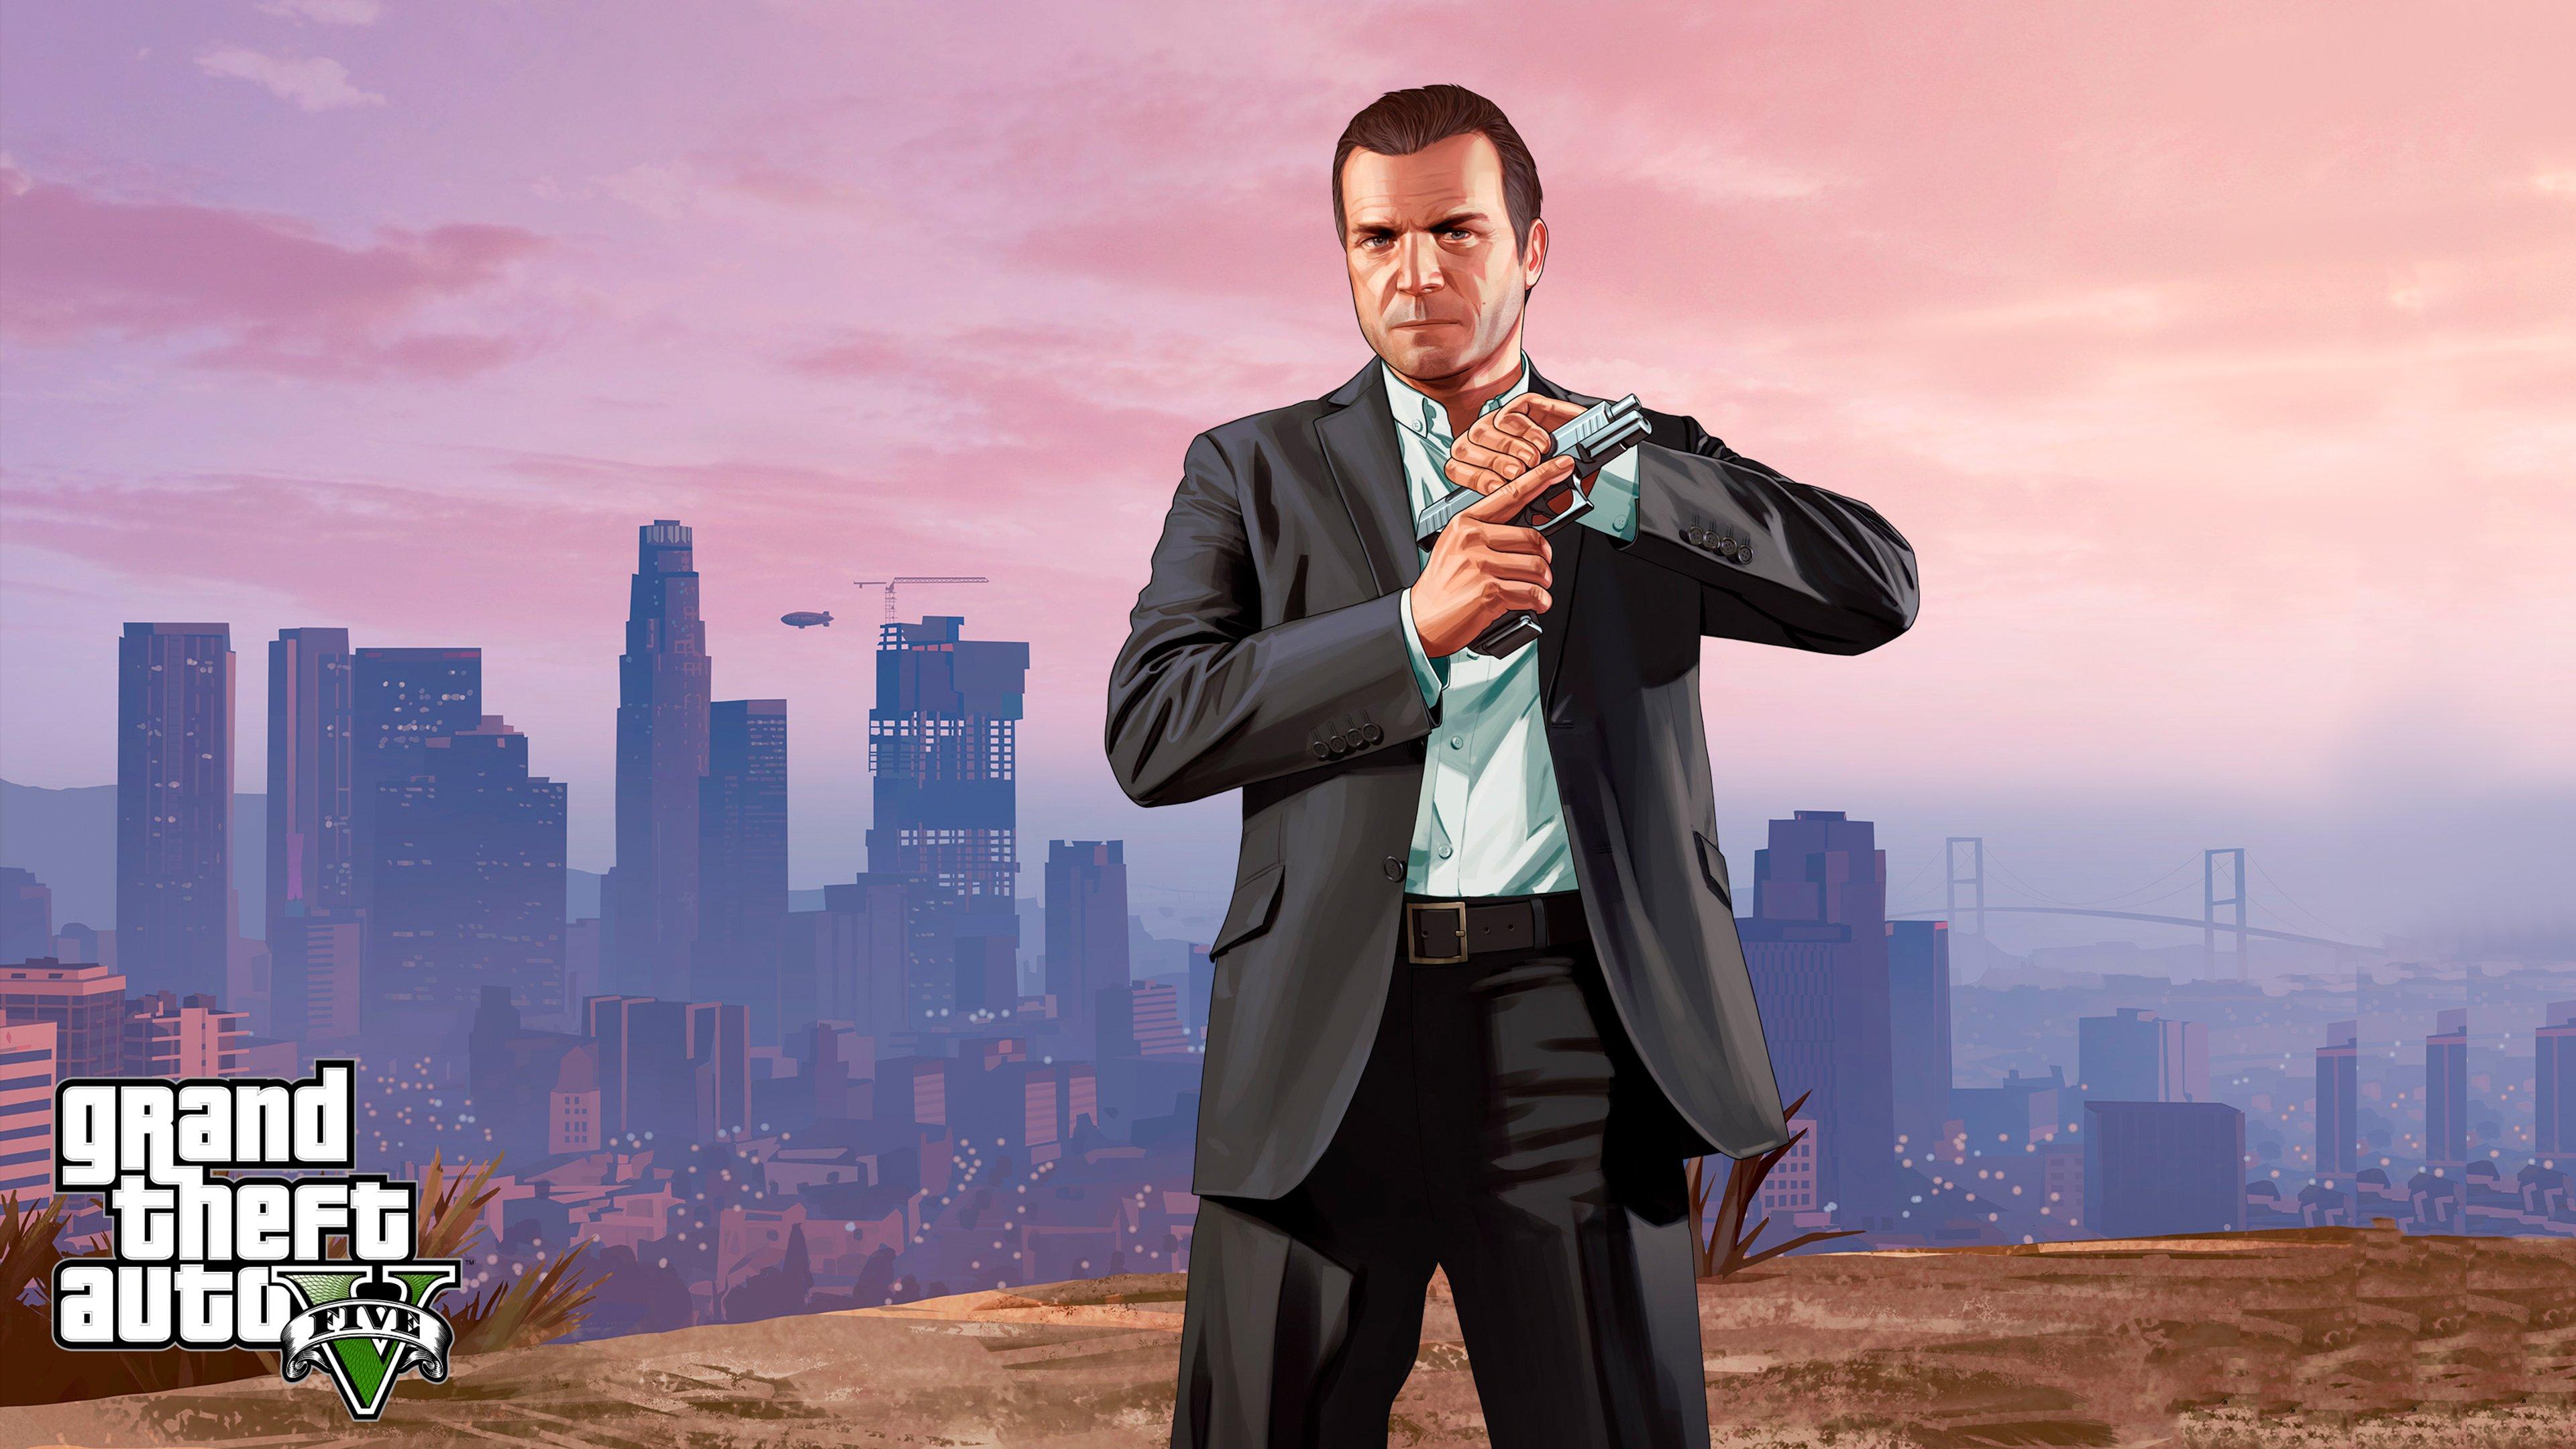 GTA 6 release date rumours: Rockstar confirms development of an